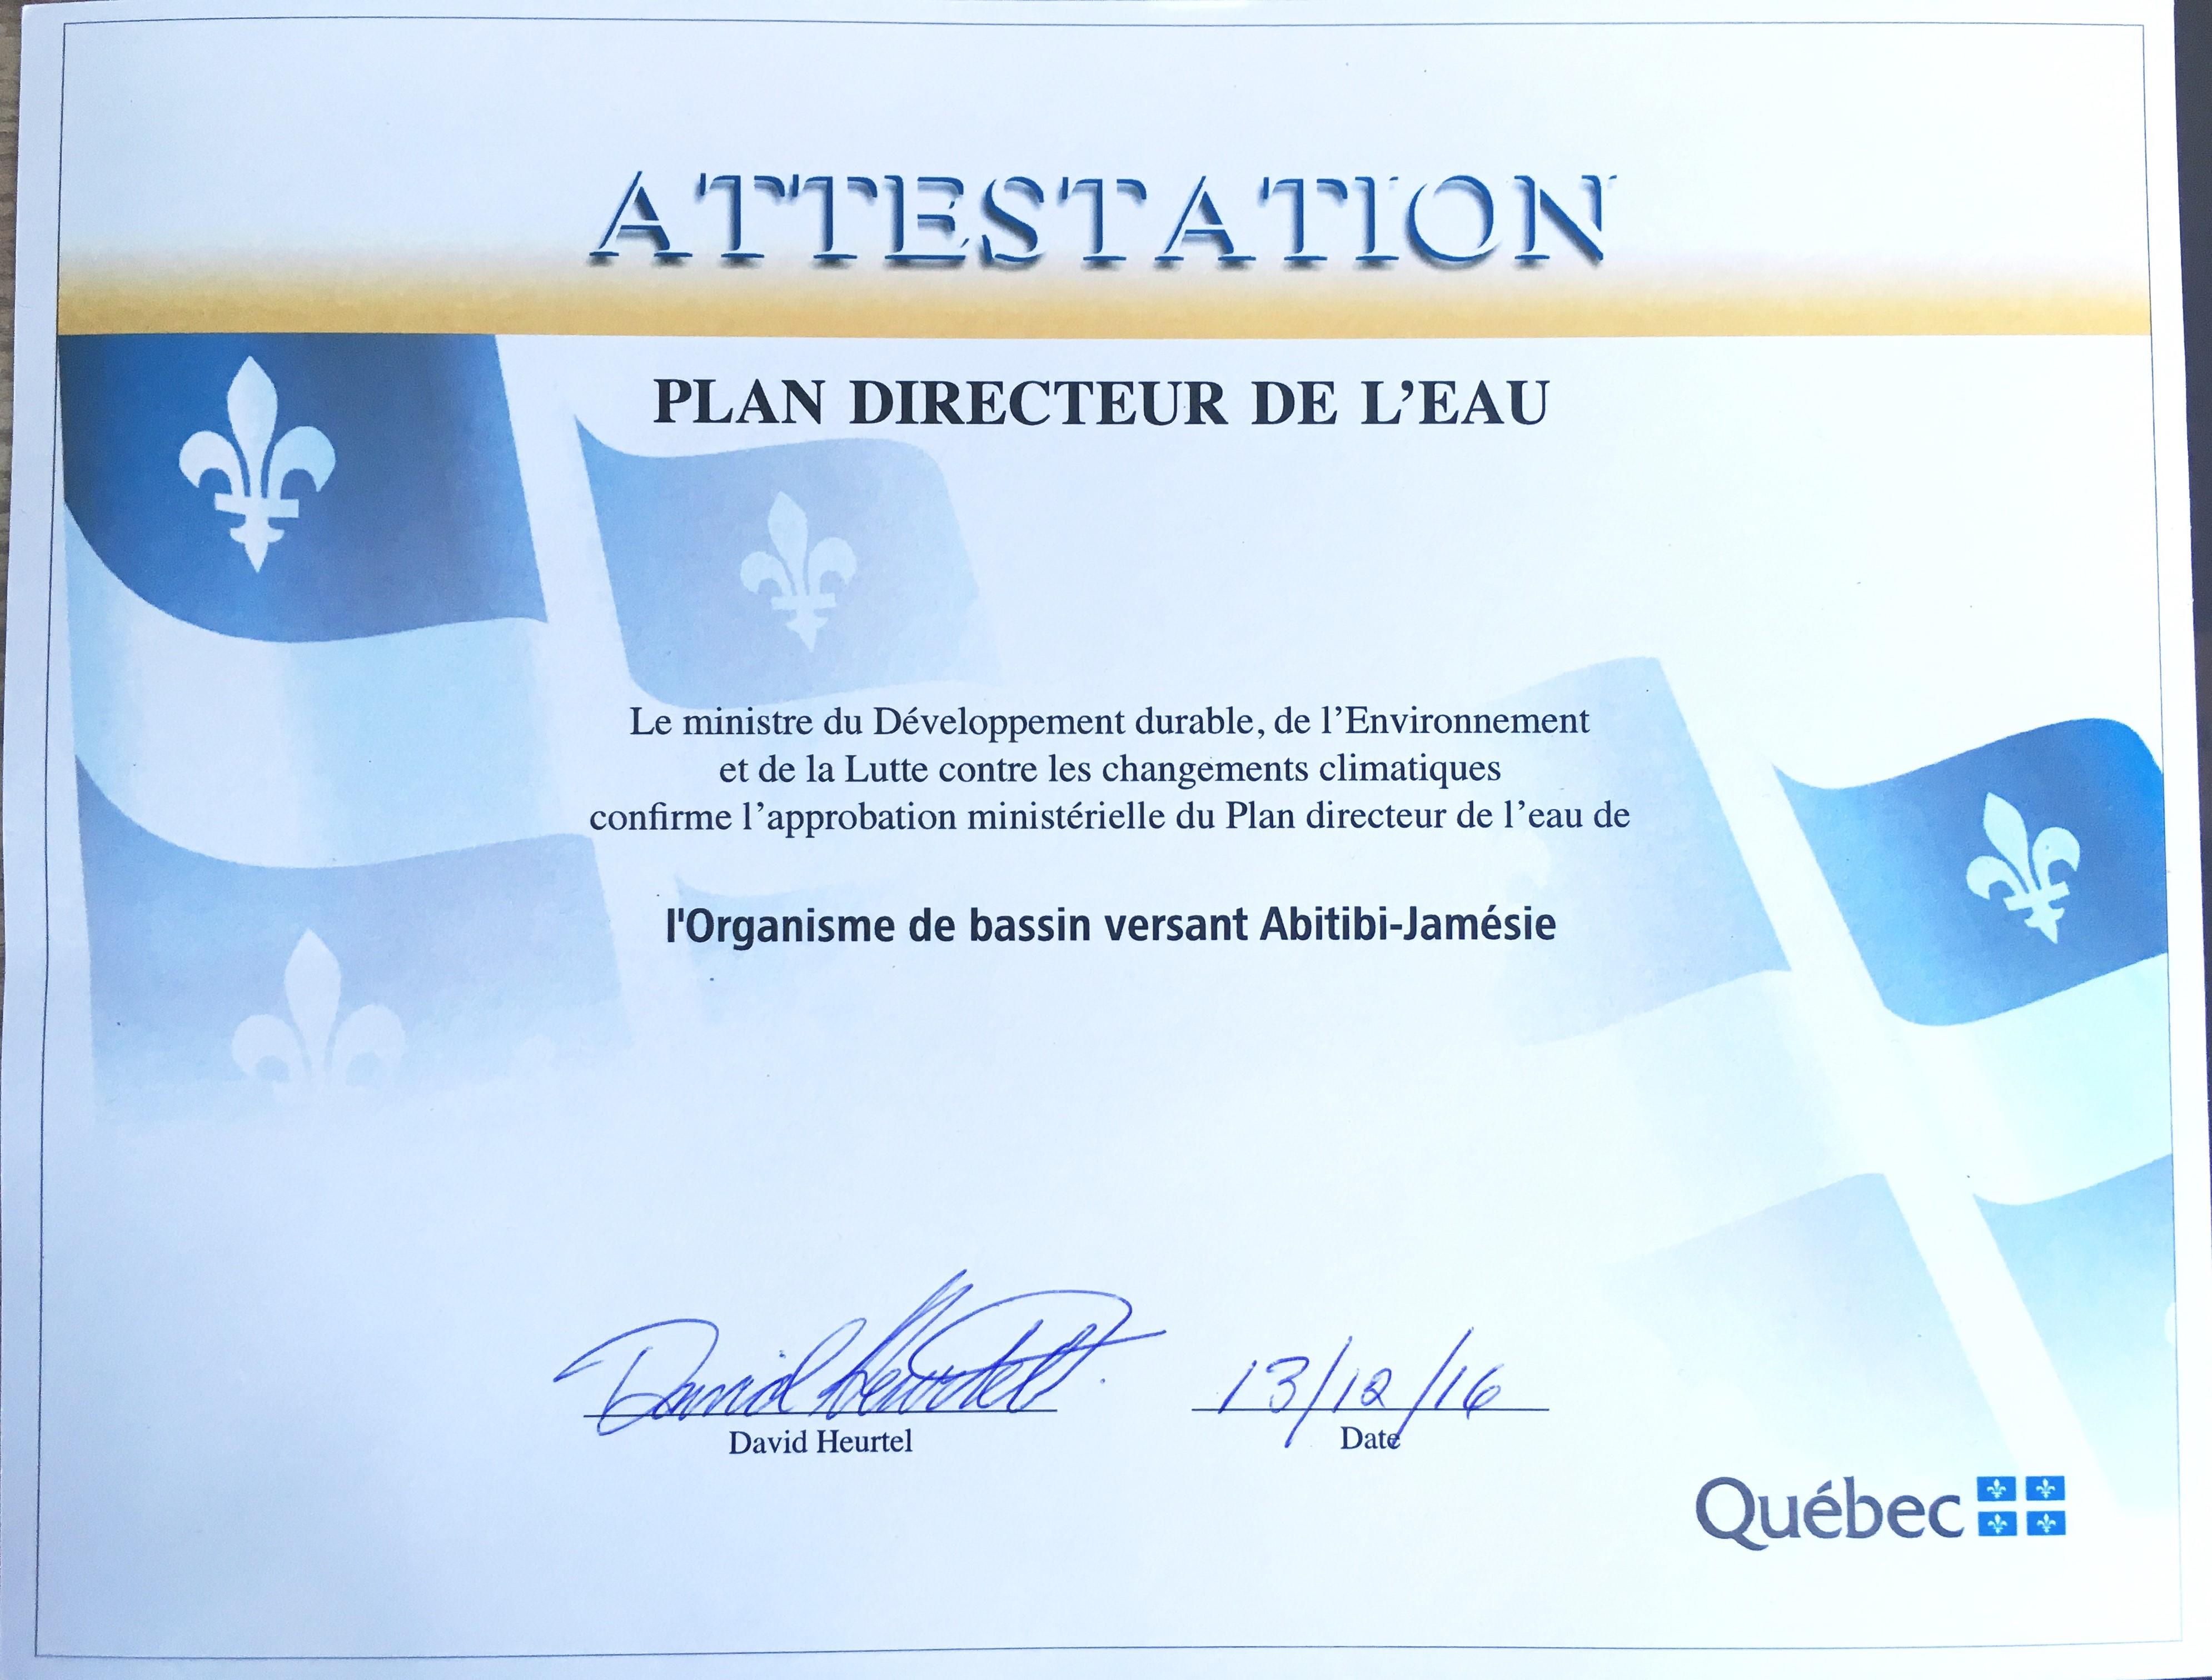 Le Plan directeur de l'eau de l'OBVAJ obtient le sceau officiel du gouvernement du Québec !